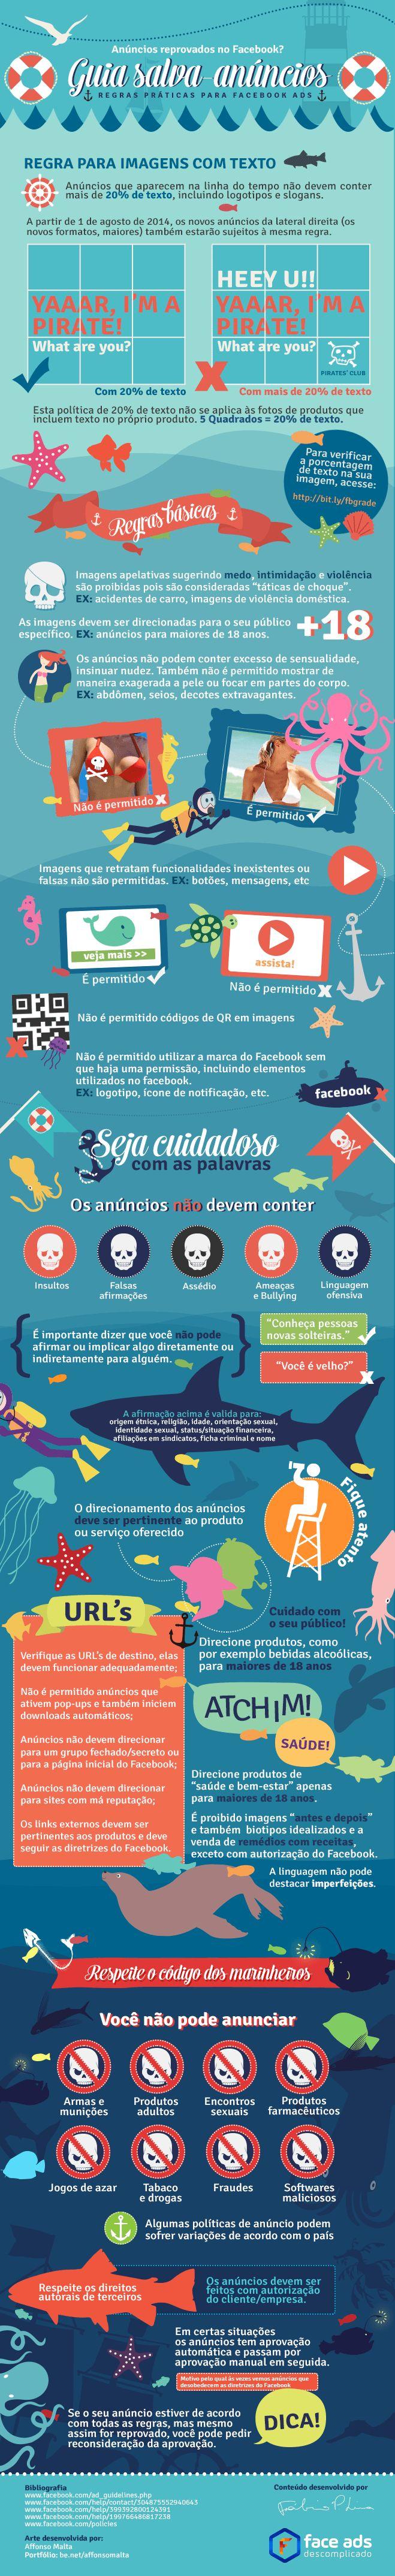 Guia salva anúncios no Facebook #infografico                              …